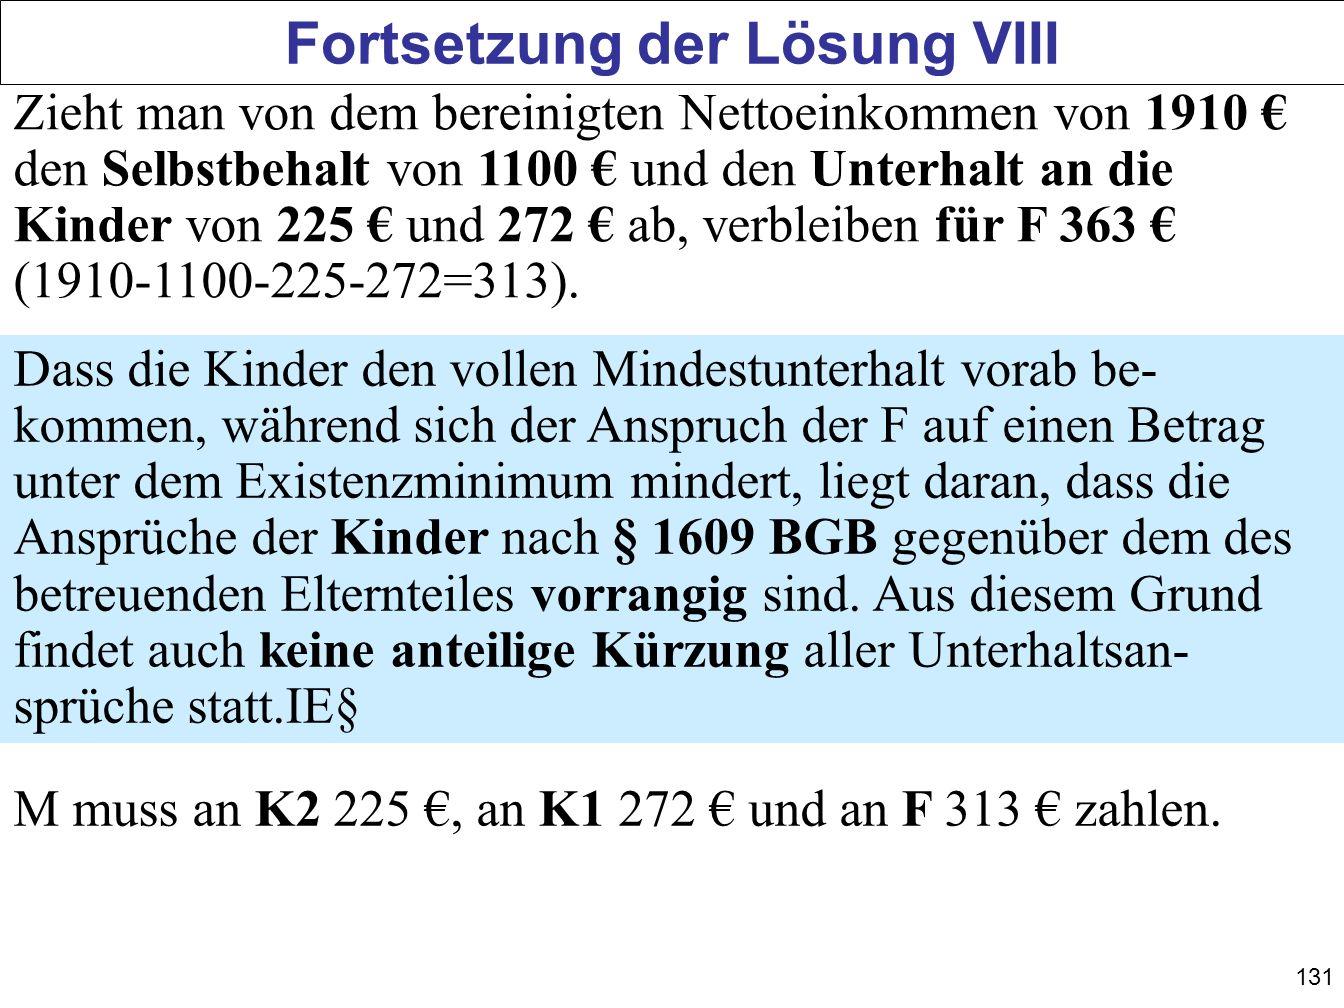 131 Fortsetzung der Lösung VIII Zieht man von dem bereinigten Nettoeinkommen von 1910 den Selbstbehalt von 1100 und den Unterhalt an die Kinder von 22